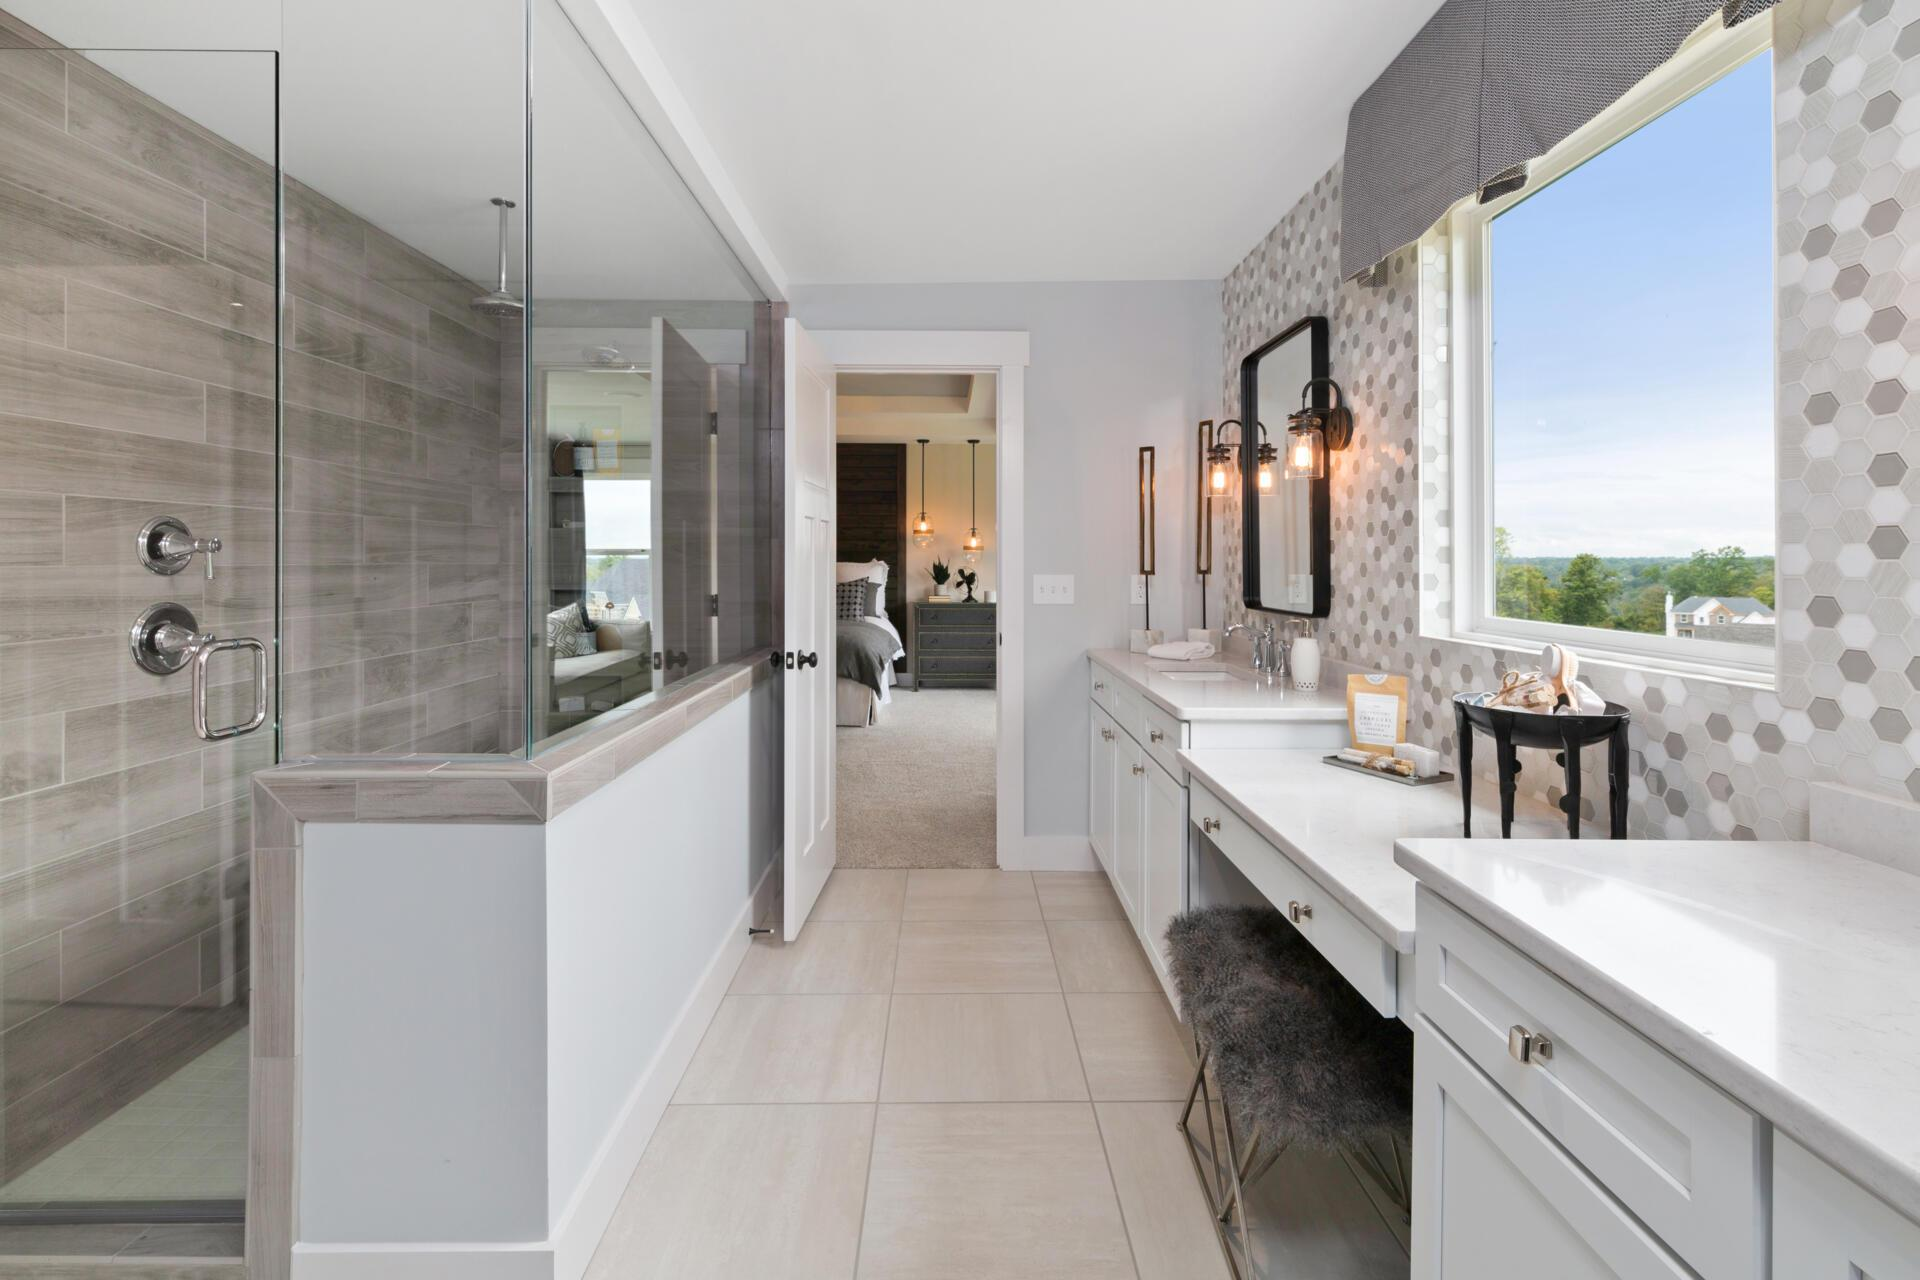 Bathroom featured in the Vanderburgh By Drees Homes in Cincinnati, OH